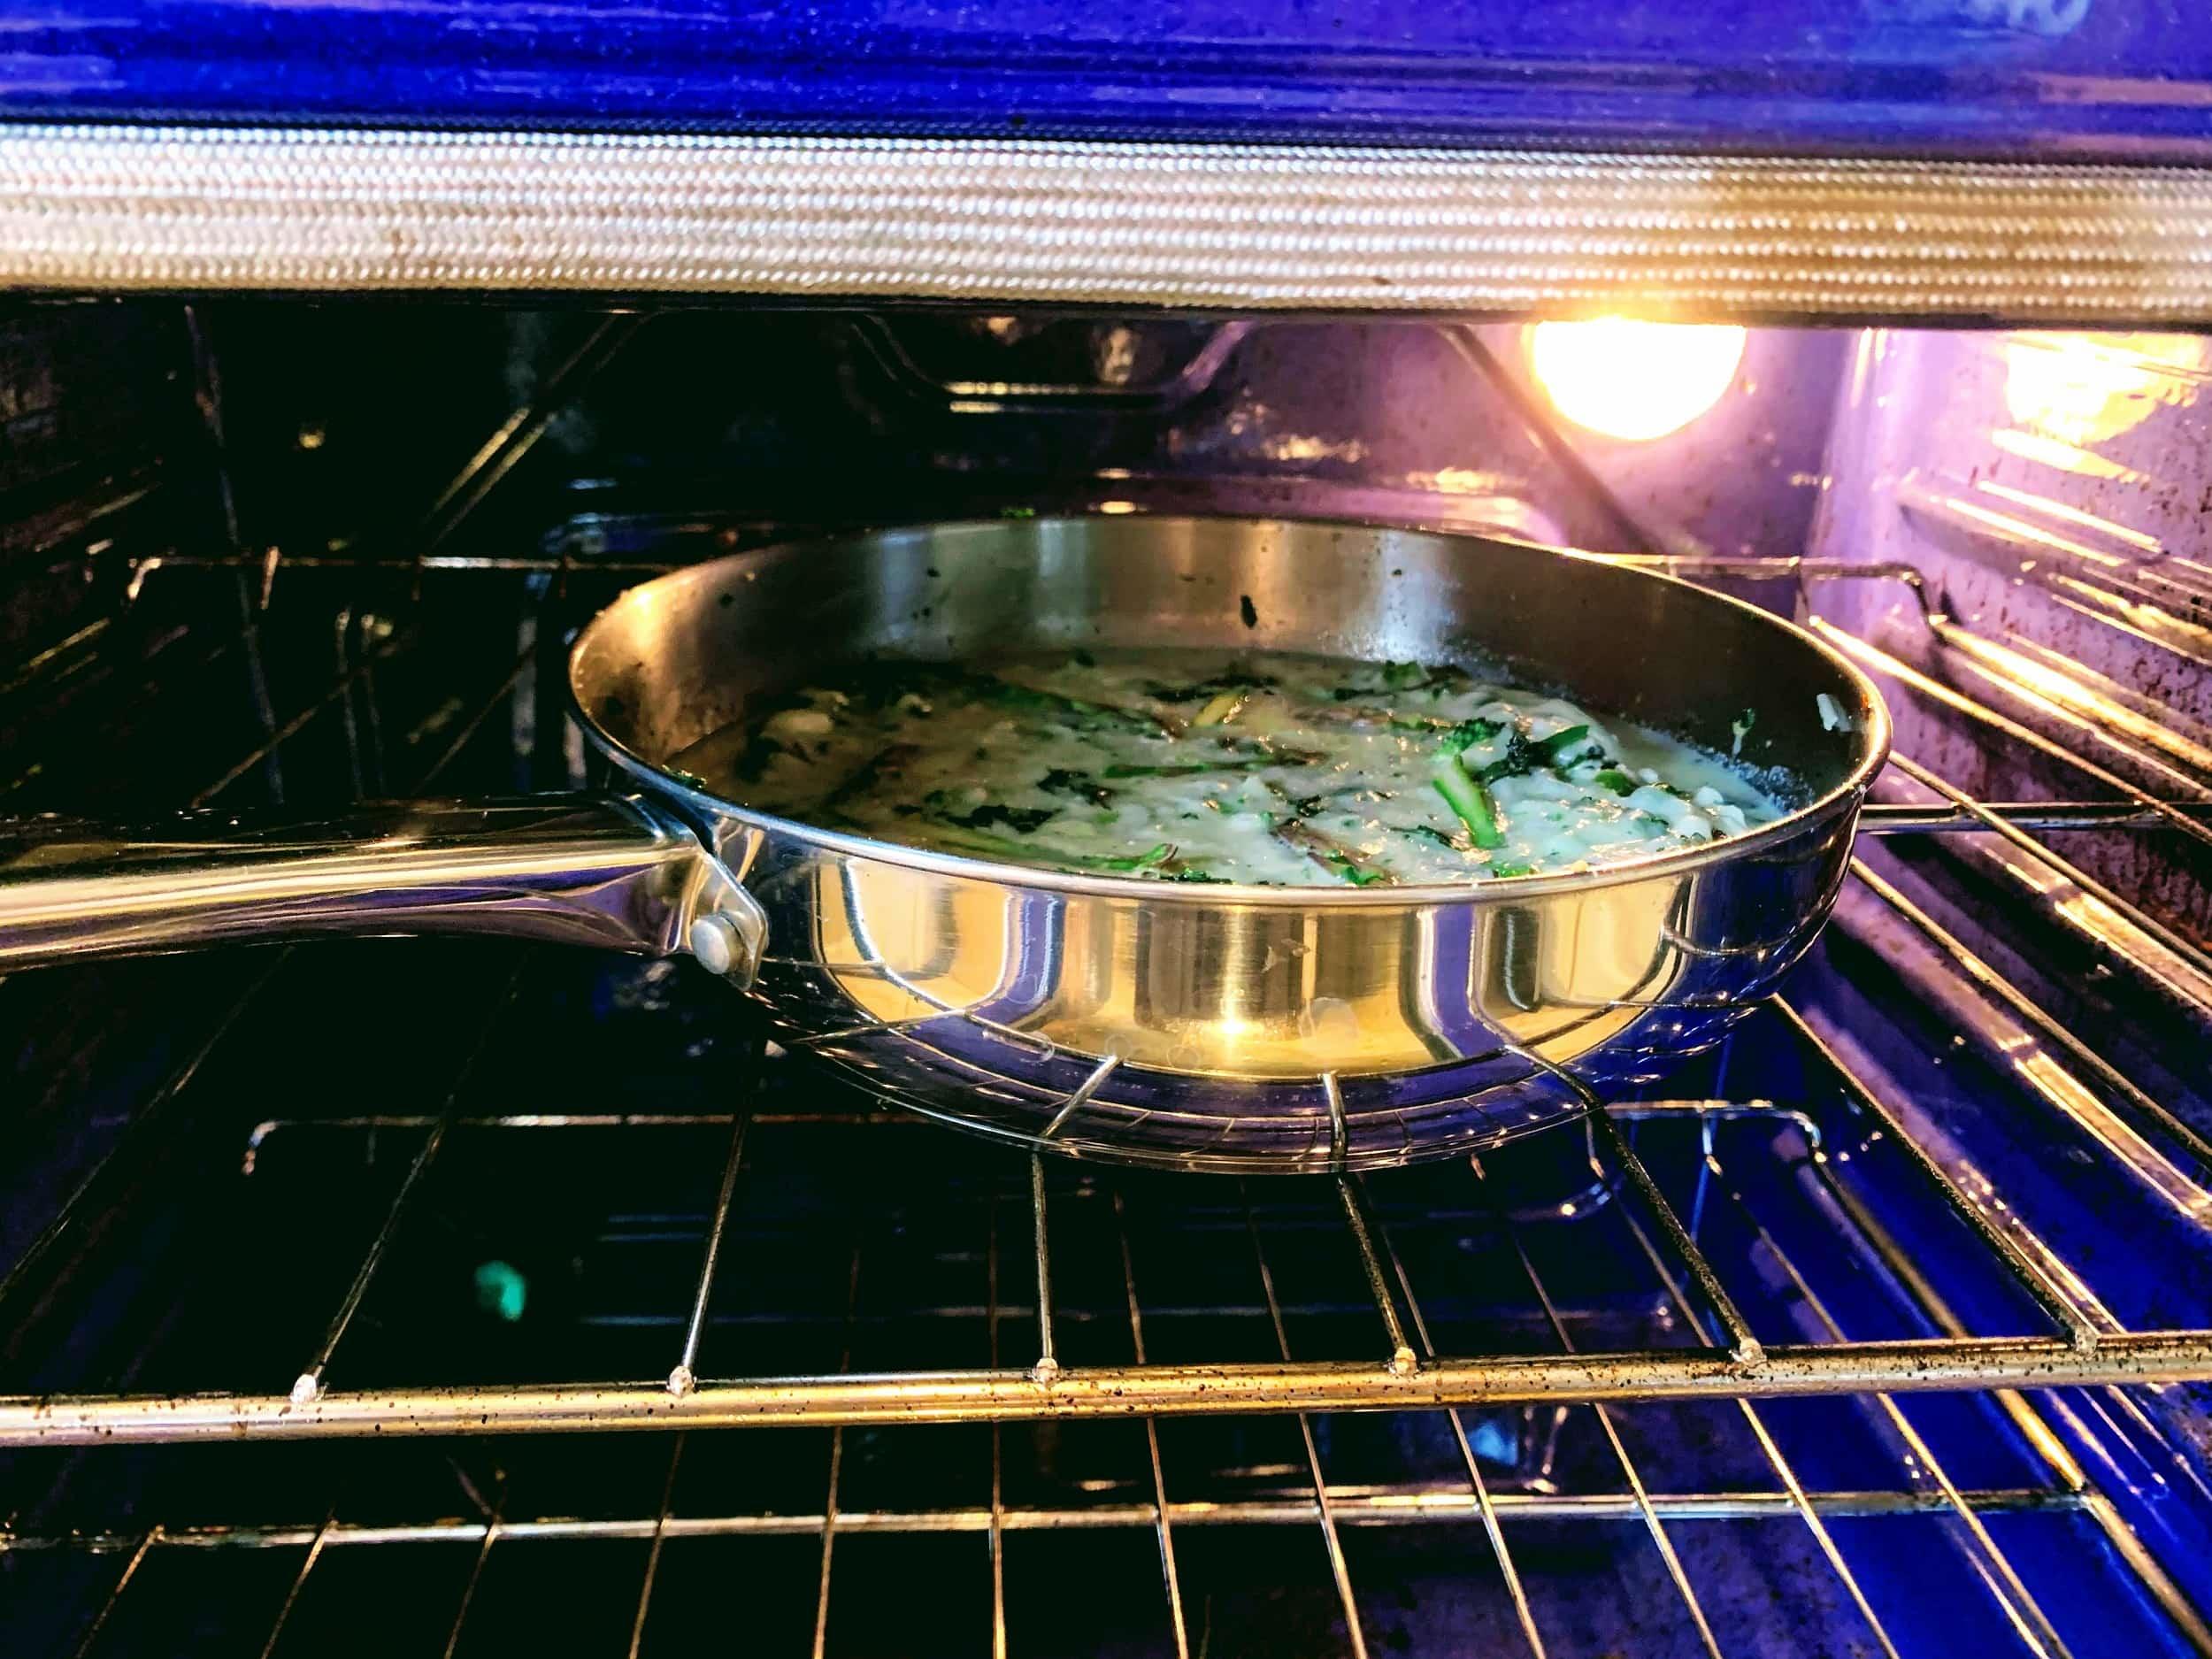 Egg White Frittata Green Veg_bake in oven